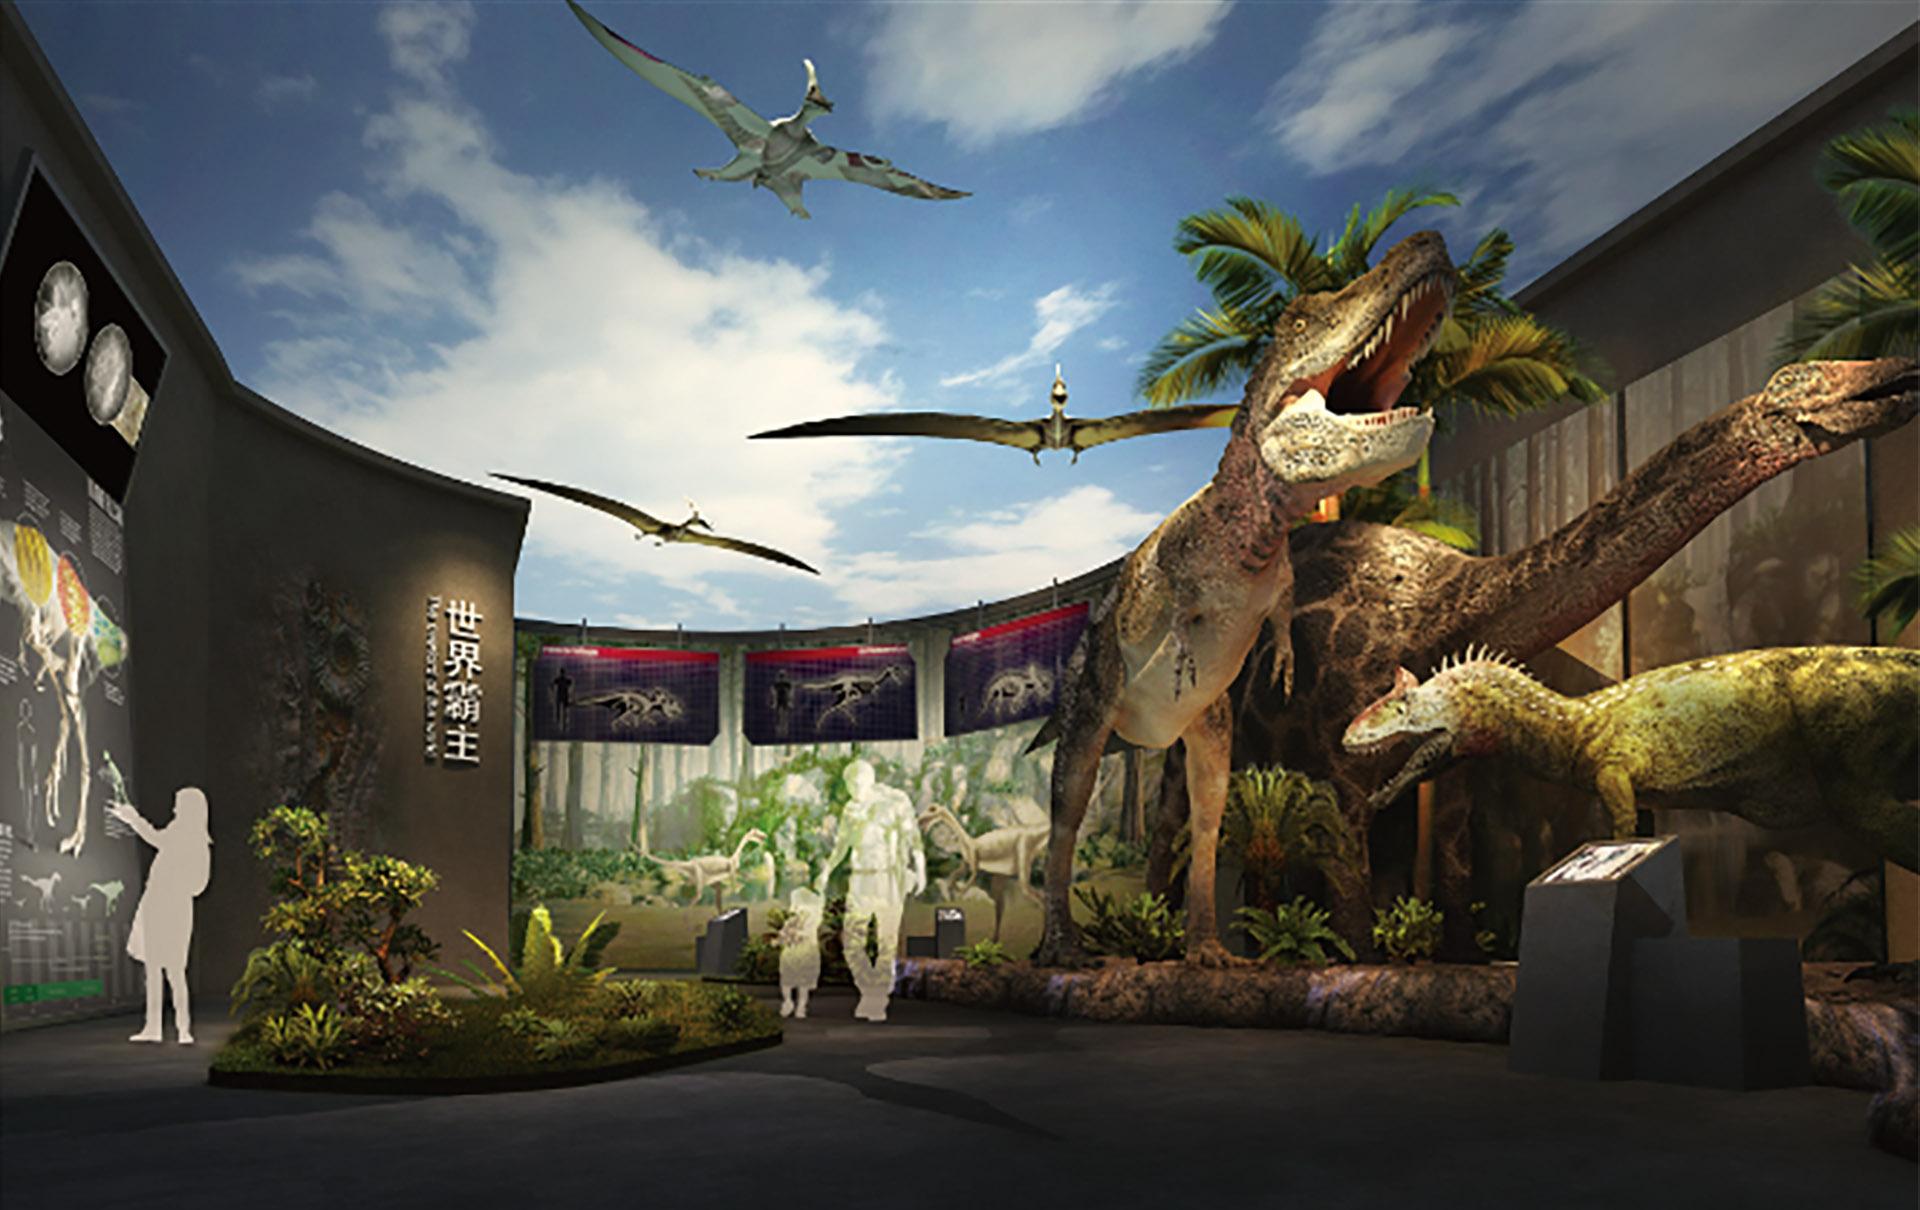 Sichuan Zigong Dinosaur museum